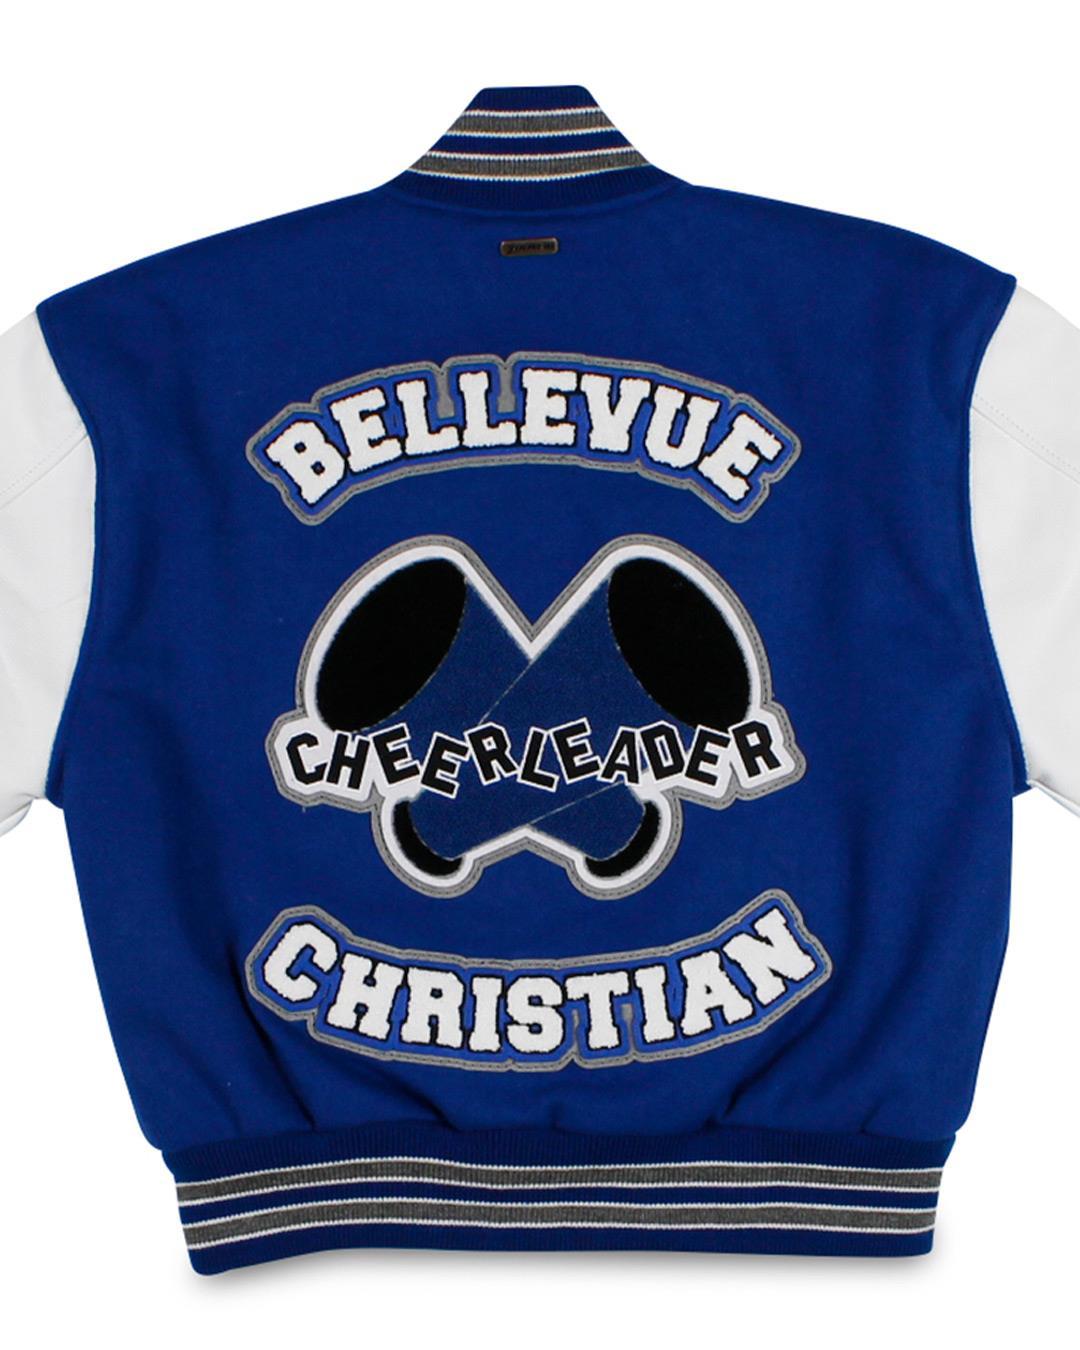 Bellevue Christian School Letterman Jacket, Bellevue WA - Back